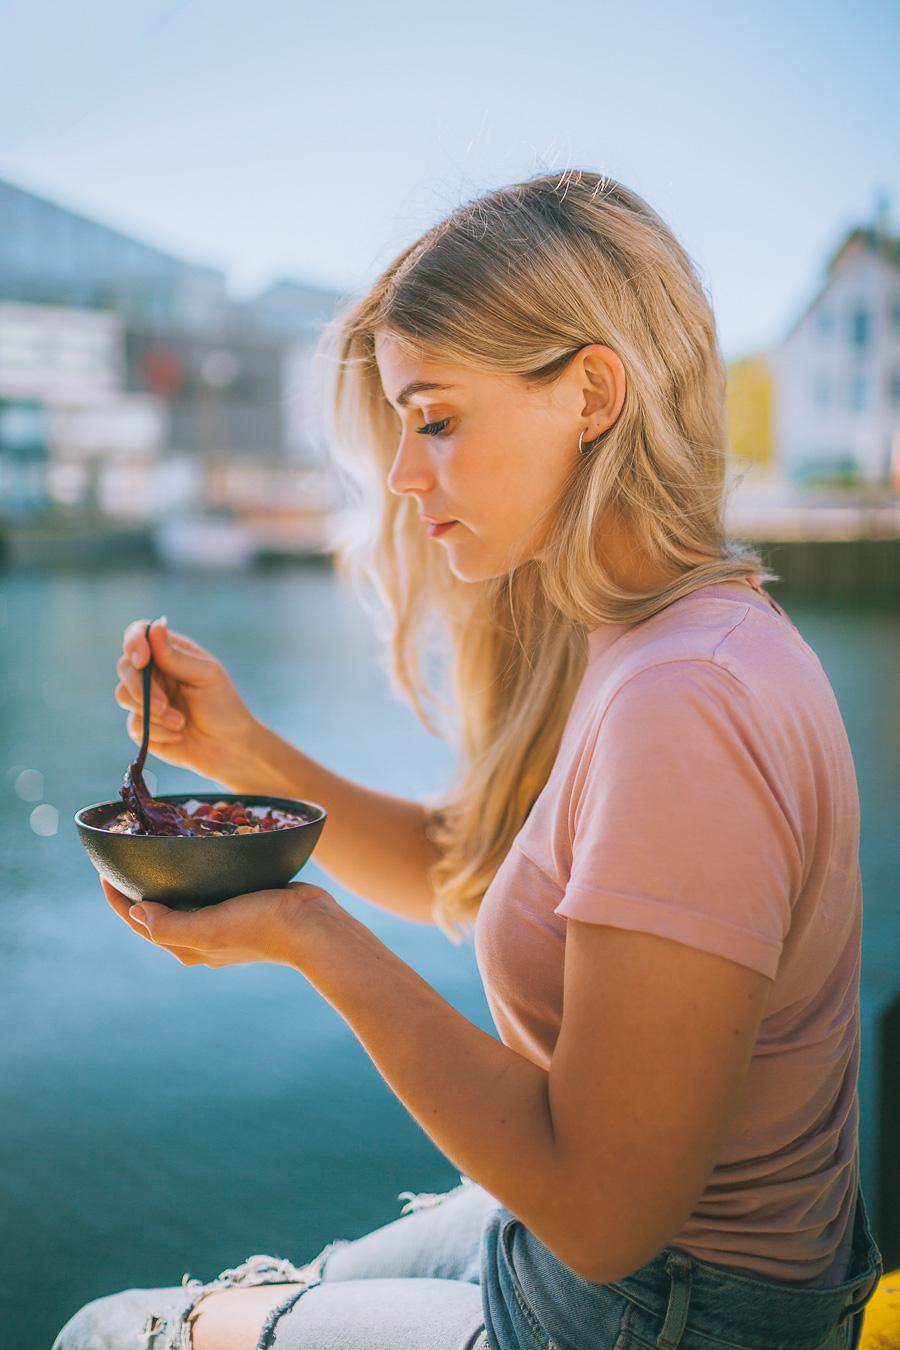 Blonde haired girl eating